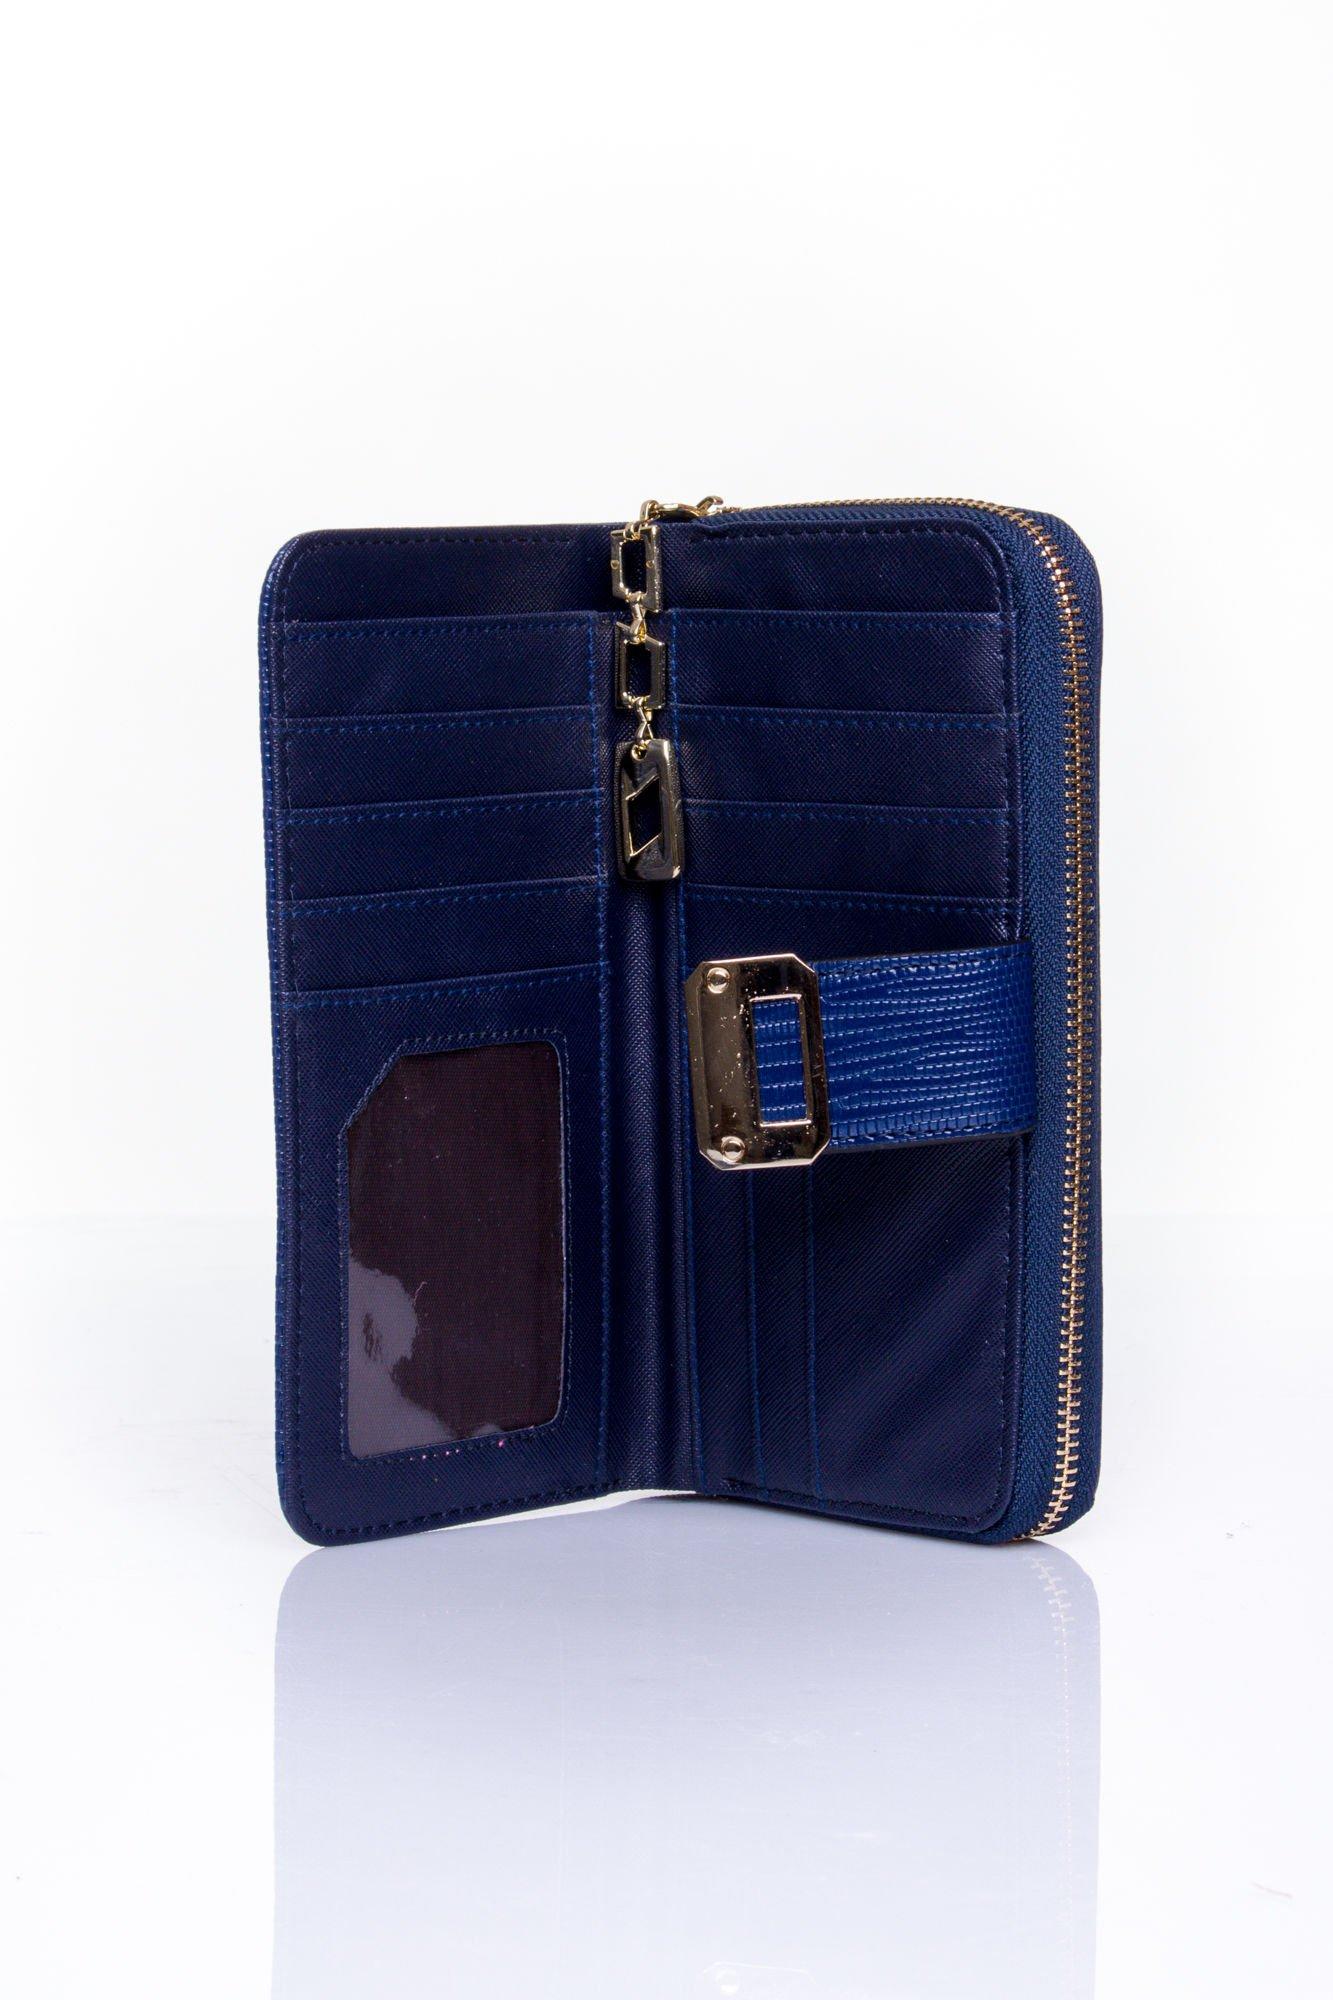 Granatowy portfel ze złotą klamerką                                  zdj.                                  4